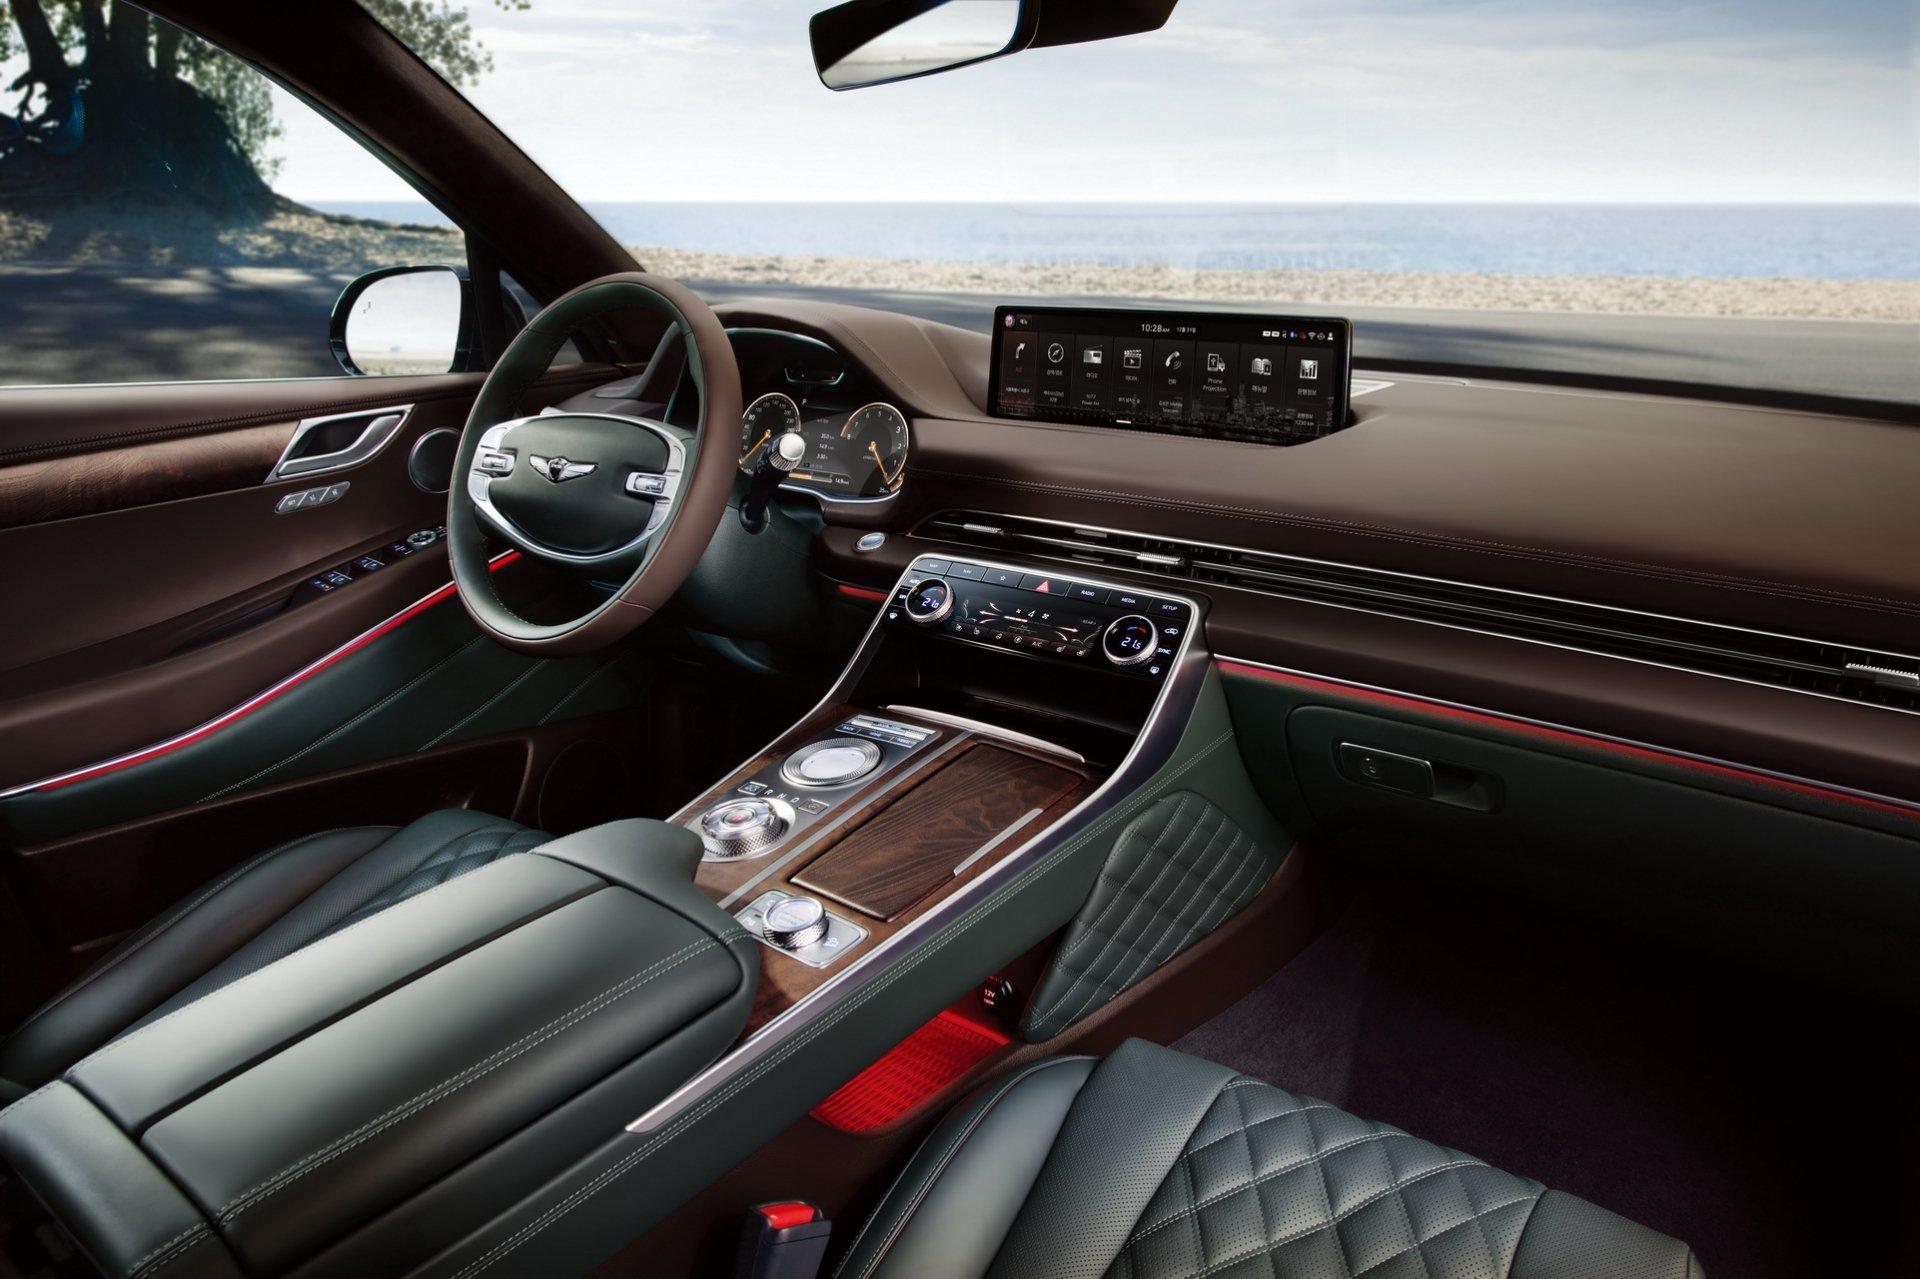 Chọn xe hơi ưu tiên trang bị công nghệ, khách hàng không cần bận tâm cứ mua 2 theo thương hiệu này 2